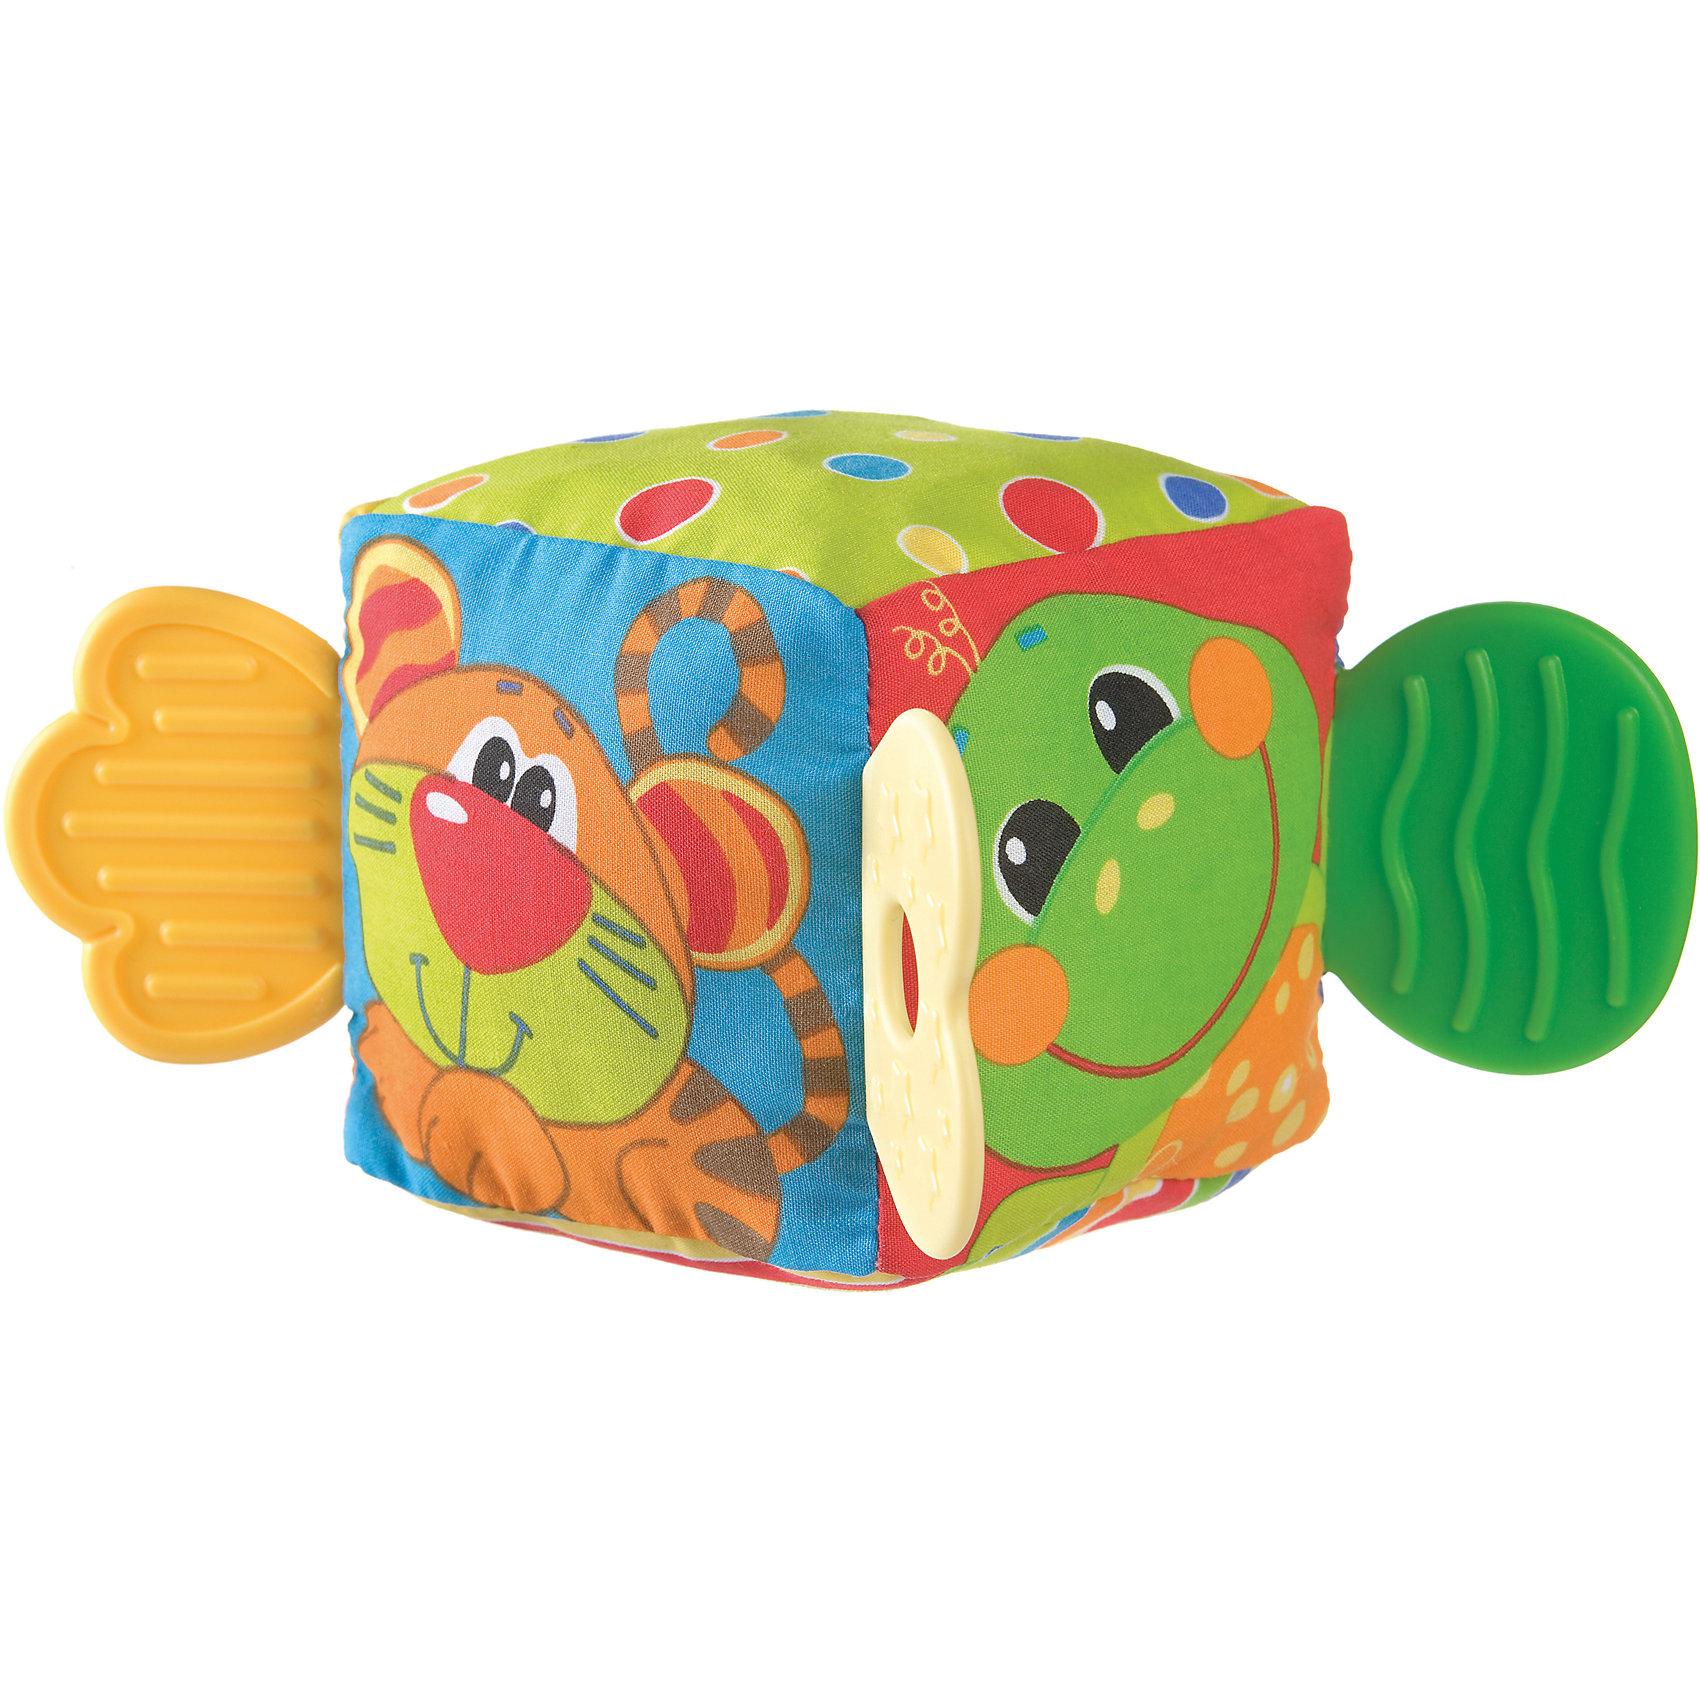 Мягкая игрушка Кубик, PlaygroМягкие игрушки<br>Яркий кубик не только развеселит малыша, но и поможет снять неприятные ощущения в период прорезывания зубок. На его сторонах изображены забавные животные: медведь, тигр, черепашка и жирафик. А внутри игрушки находится звонкая погремушка, которая обязательно привлечет внимание крохи.<br><br>Дополнительная информация:<br><br>- Возраст: от 3 месяцев до 2 лет<br>- Материал: текстиль, пластик<br>- Размер: 9х9х9 см<br>- Вес: 0.09 кг<br><br>Мягкую игрушку Кубик, Playgro можно купить в нашем интернет-магазине.<br><br>Ширина мм: 90<br>Глубина мм: 90<br>Высота мм: 90<br>Вес г: 90<br>Возраст от месяцев: 3<br>Возраст до месяцев: 24<br>Пол: Унисекс<br>Возраст: Детский<br>SKU: 4779533